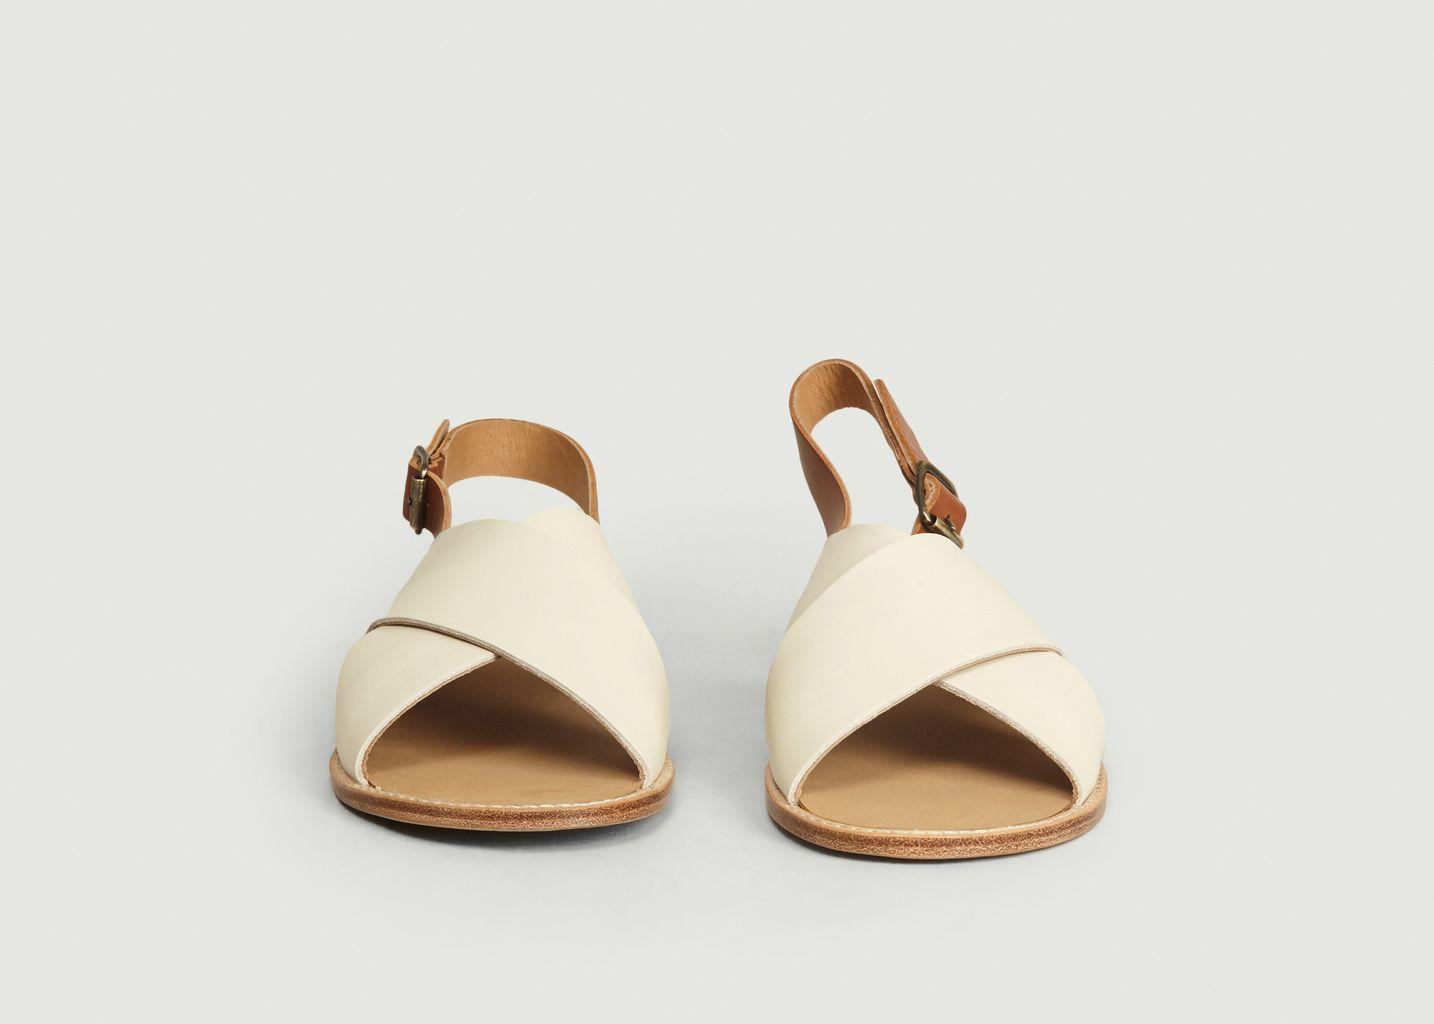 Sandales Birmanie Bicolore - Anthology Paris